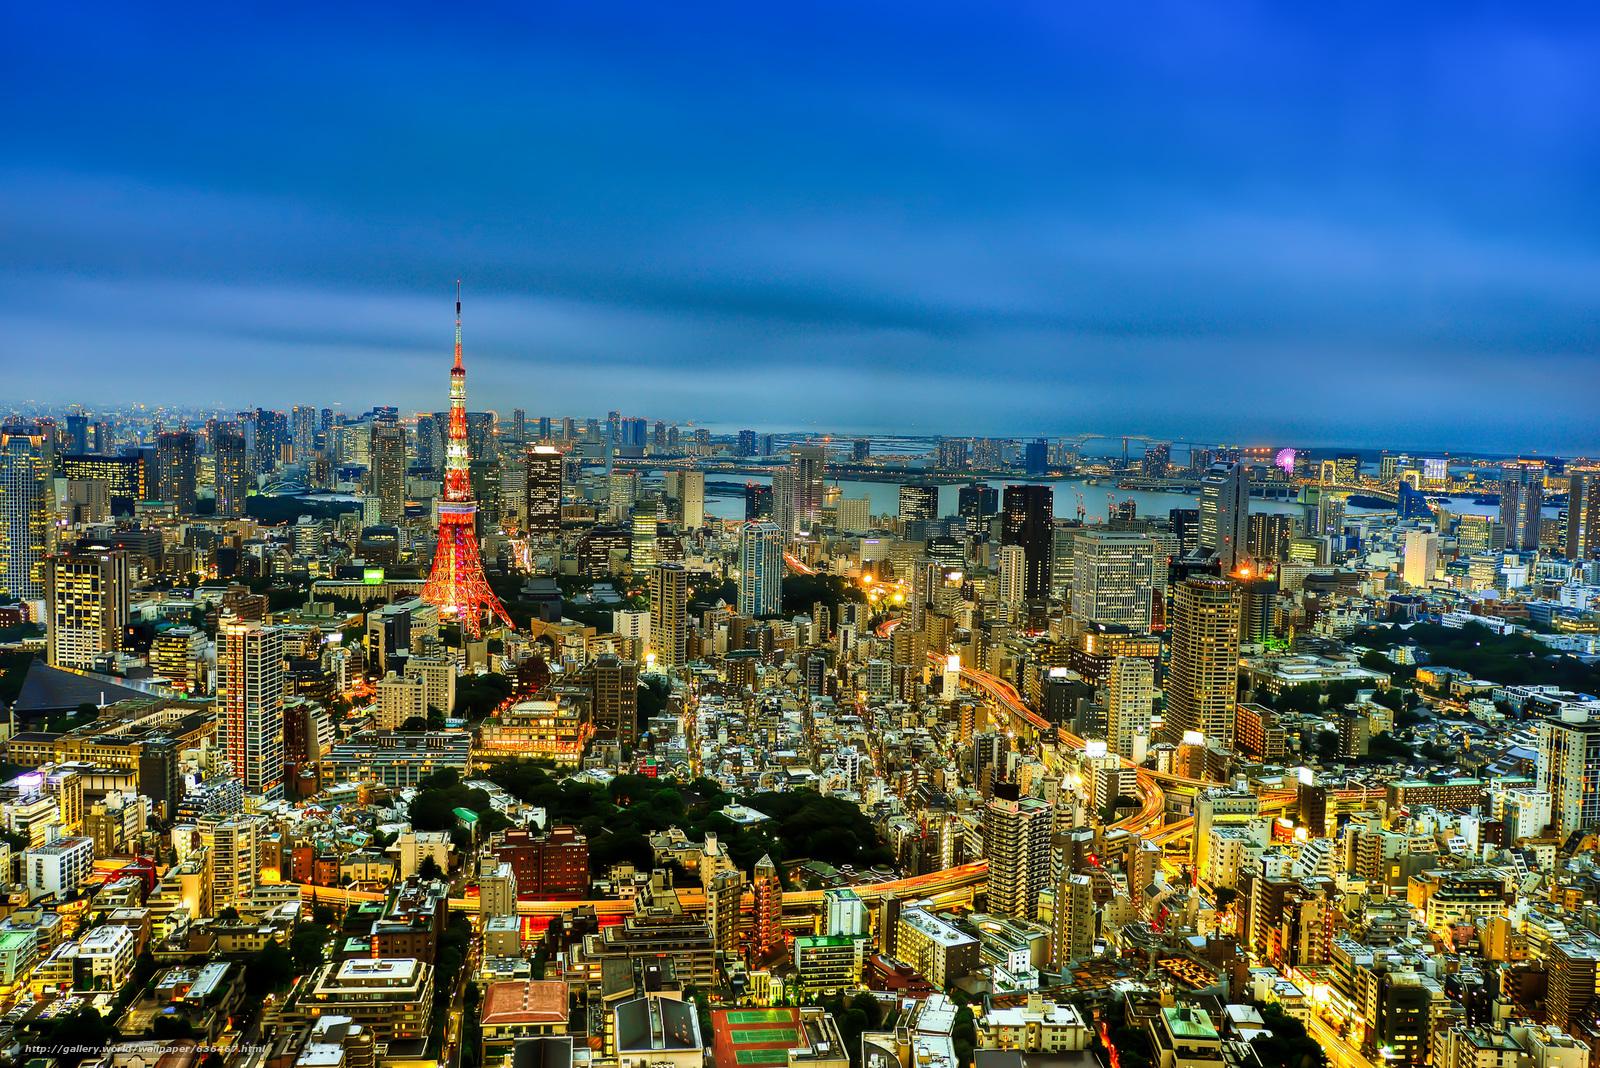 tlcharger fond d 39 ecran tokyo japon ville fonds d 39 ecran gratuits pour votre rsolution du bureau. Black Bedroom Furniture Sets. Home Design Ideas